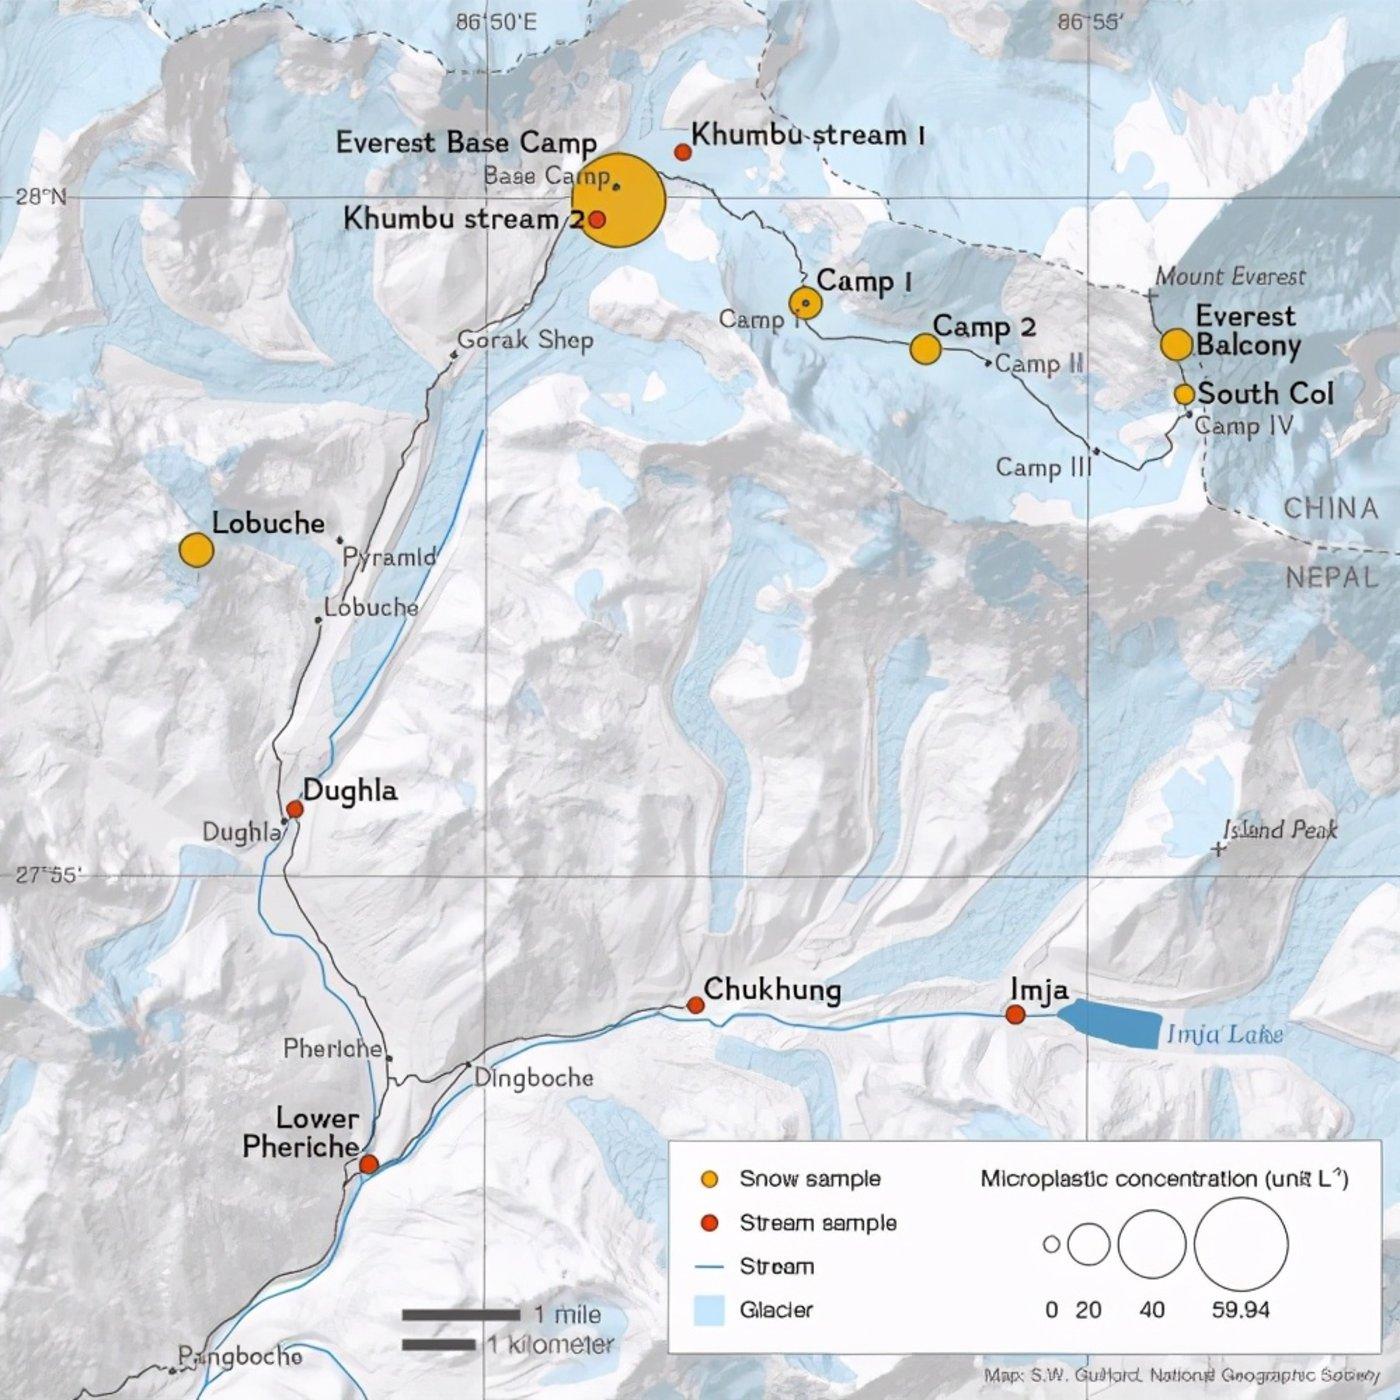 图   珠穆朗玛峰上的微塑料样本采集地点地图(来源:One Earth)